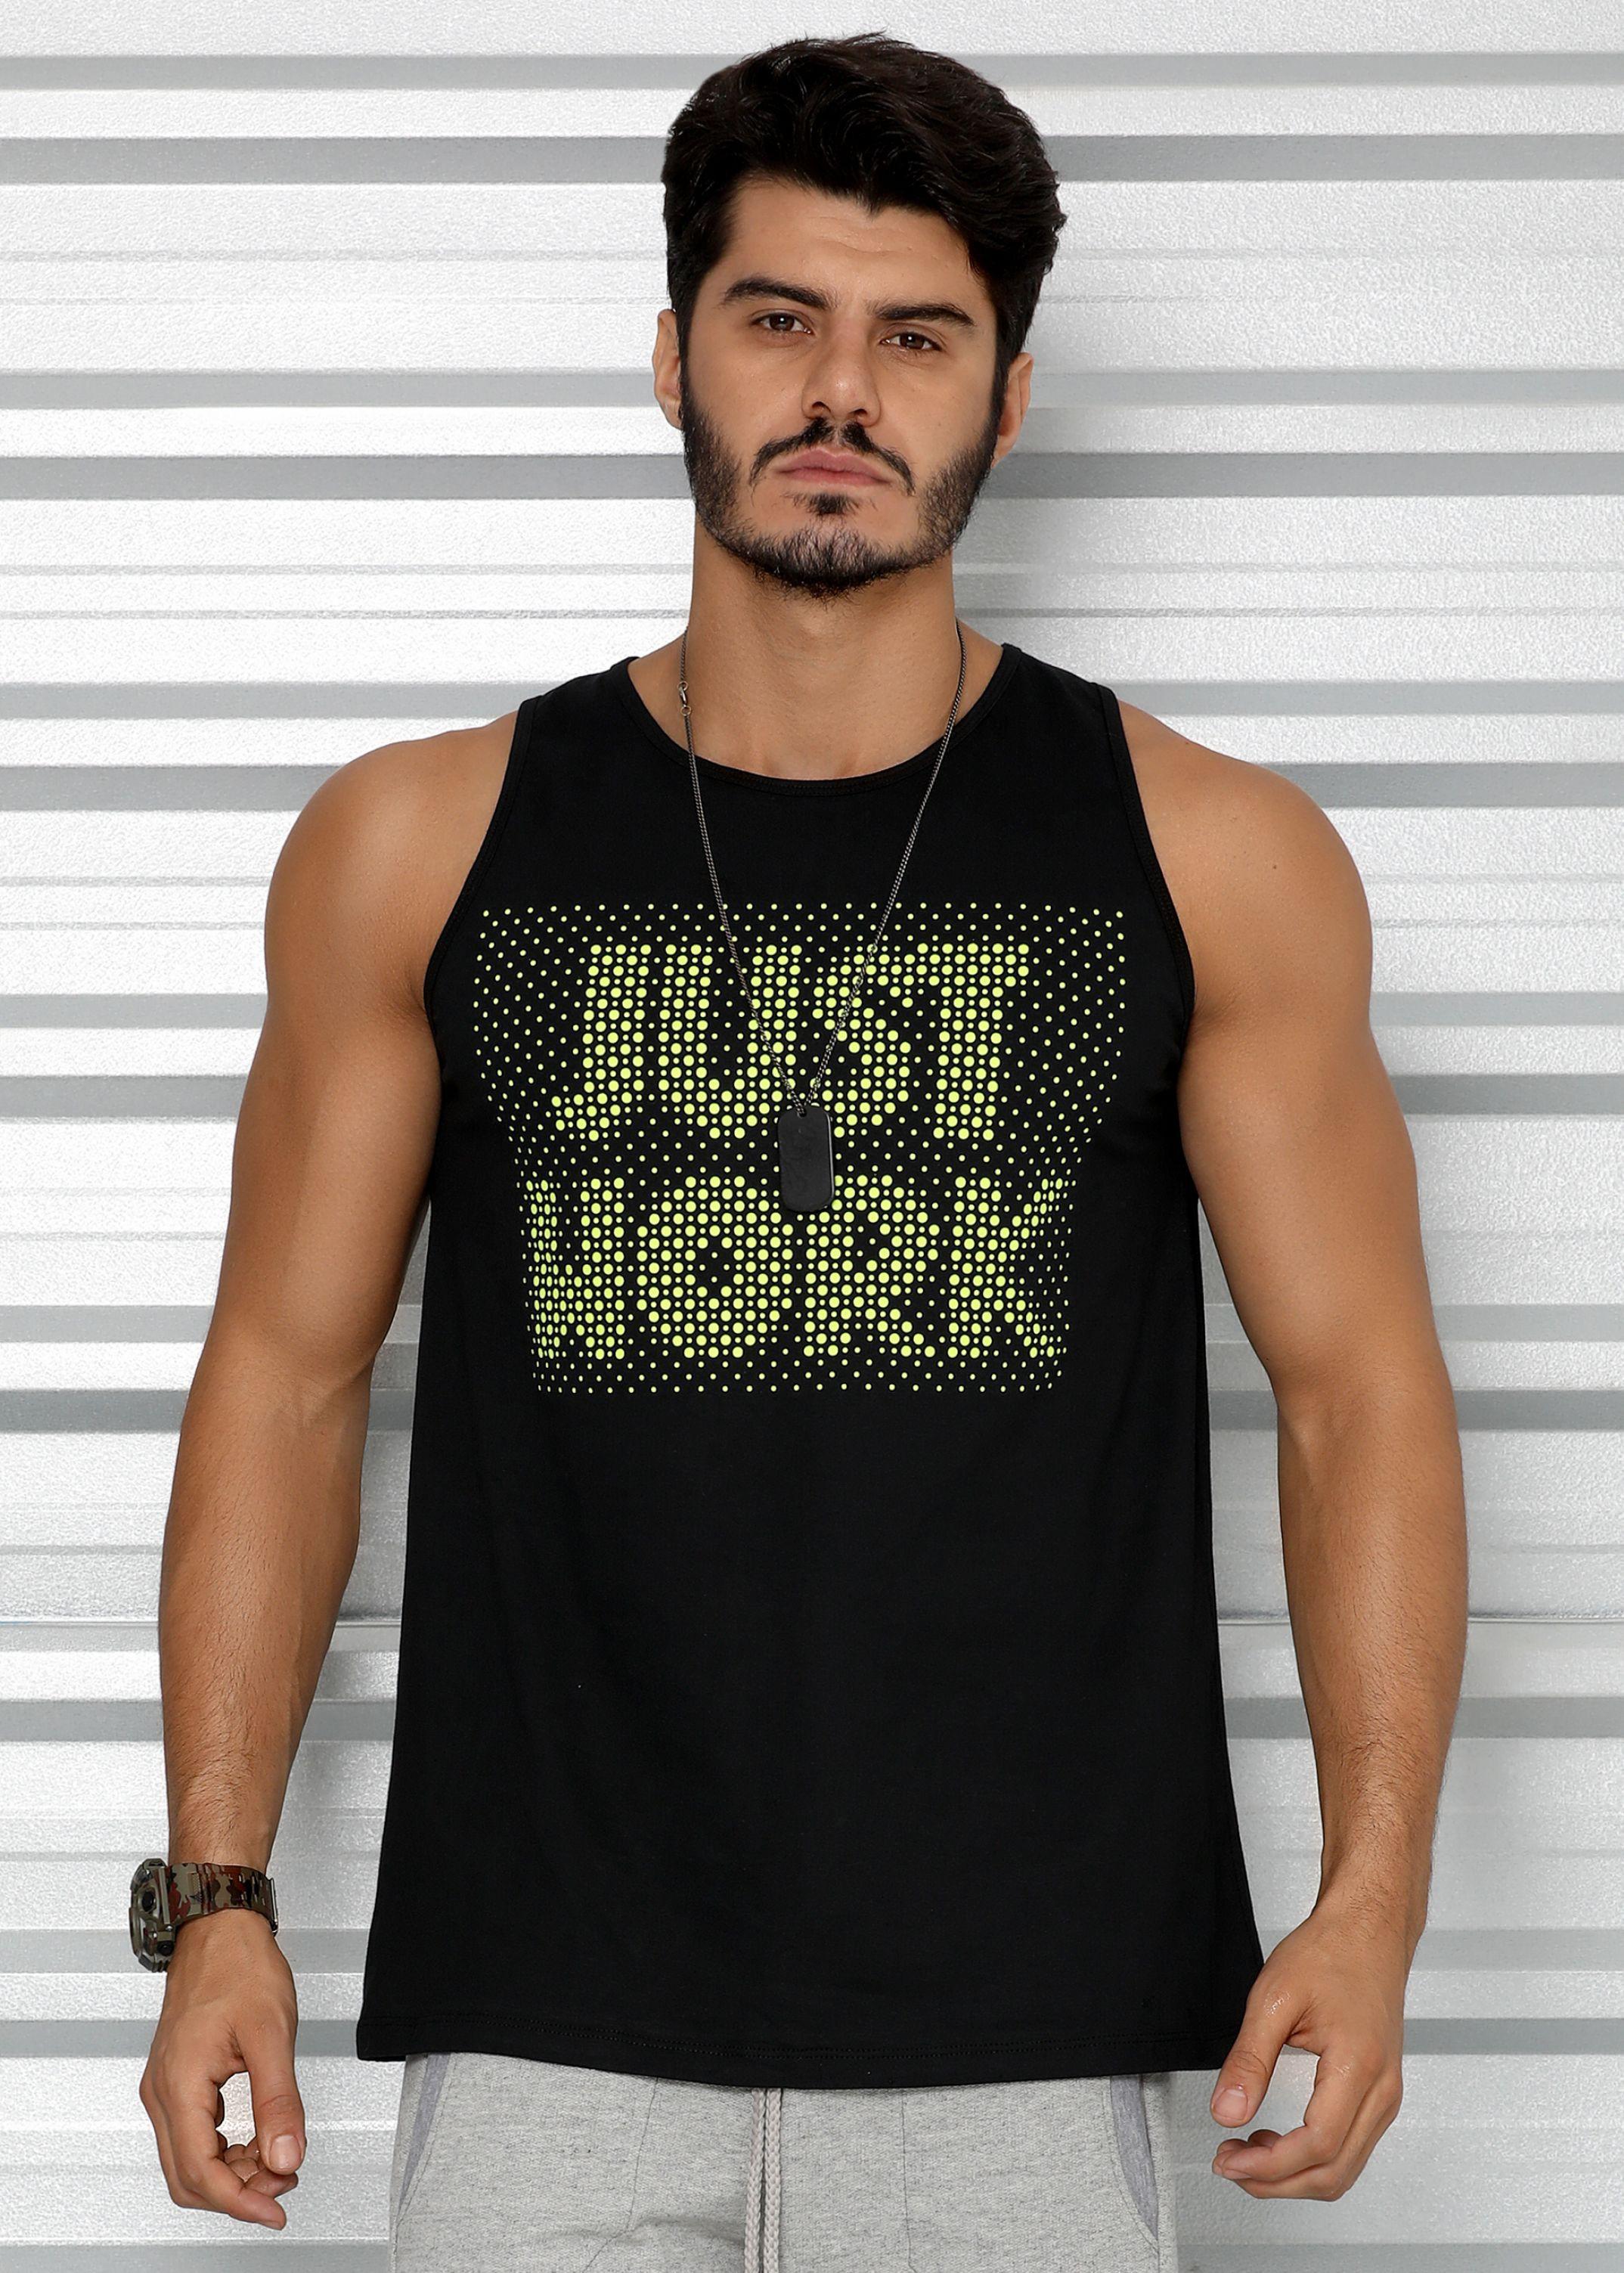 aefec578c4 Regata Masculina Tradicional Just Work - Donna Carioca - Moda fitness com  preço de fábrica